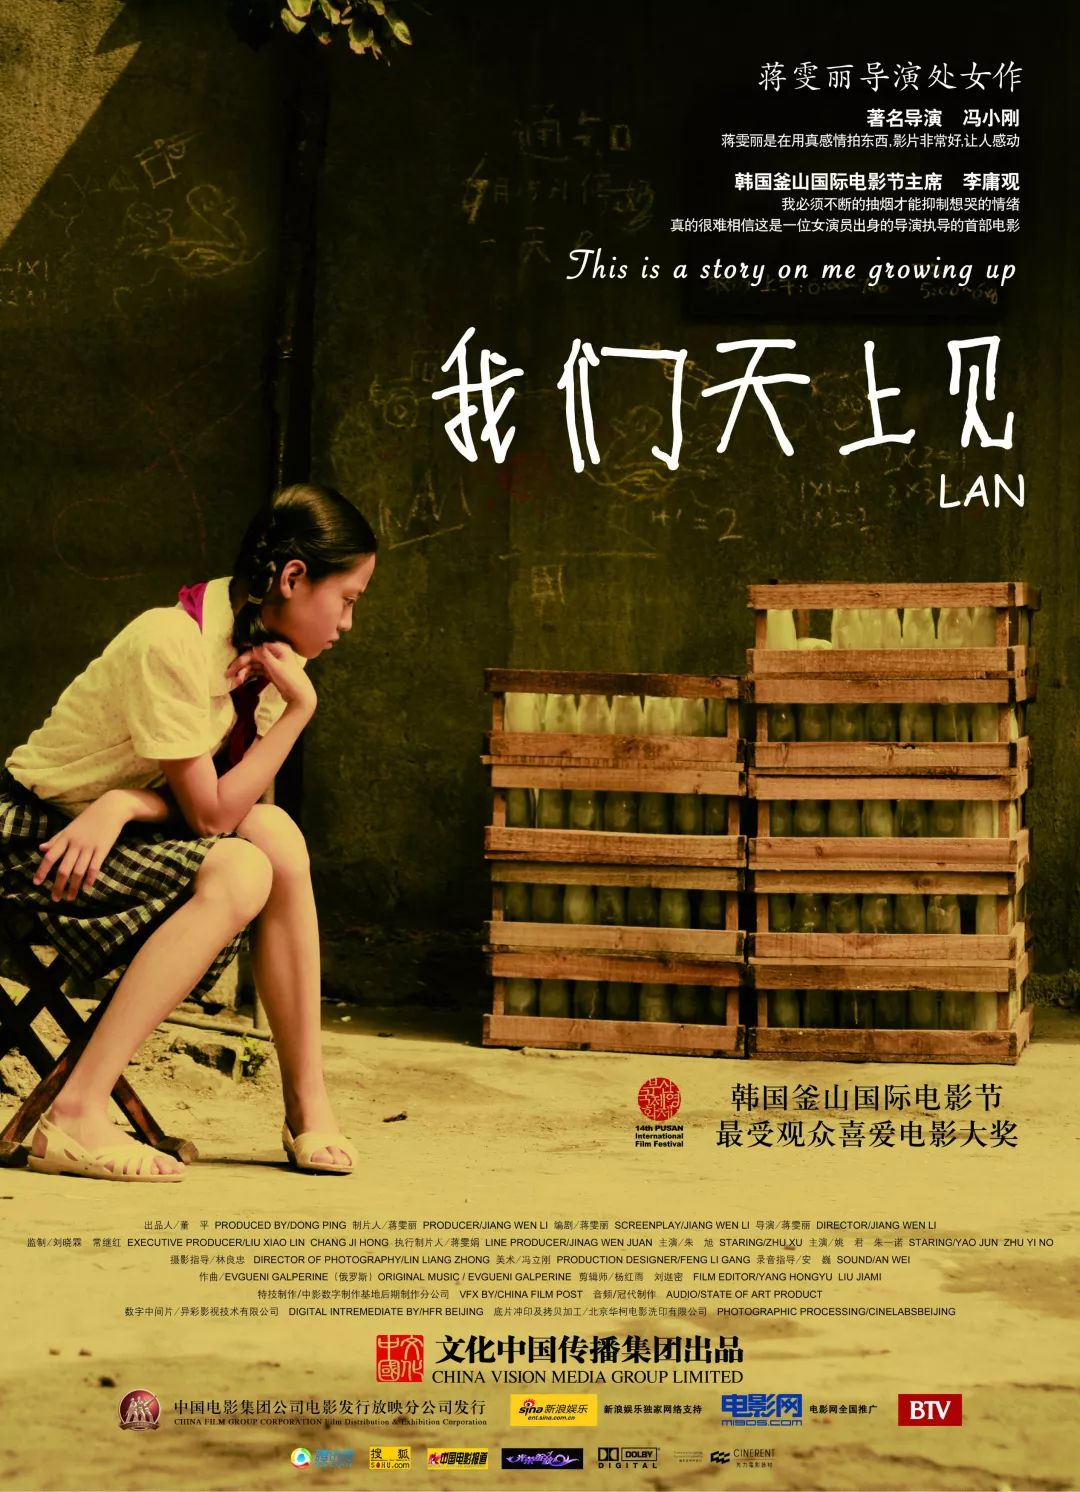 10年前的国产片,评分高达8.6,冯小刚评价导演:用真感情拍东西